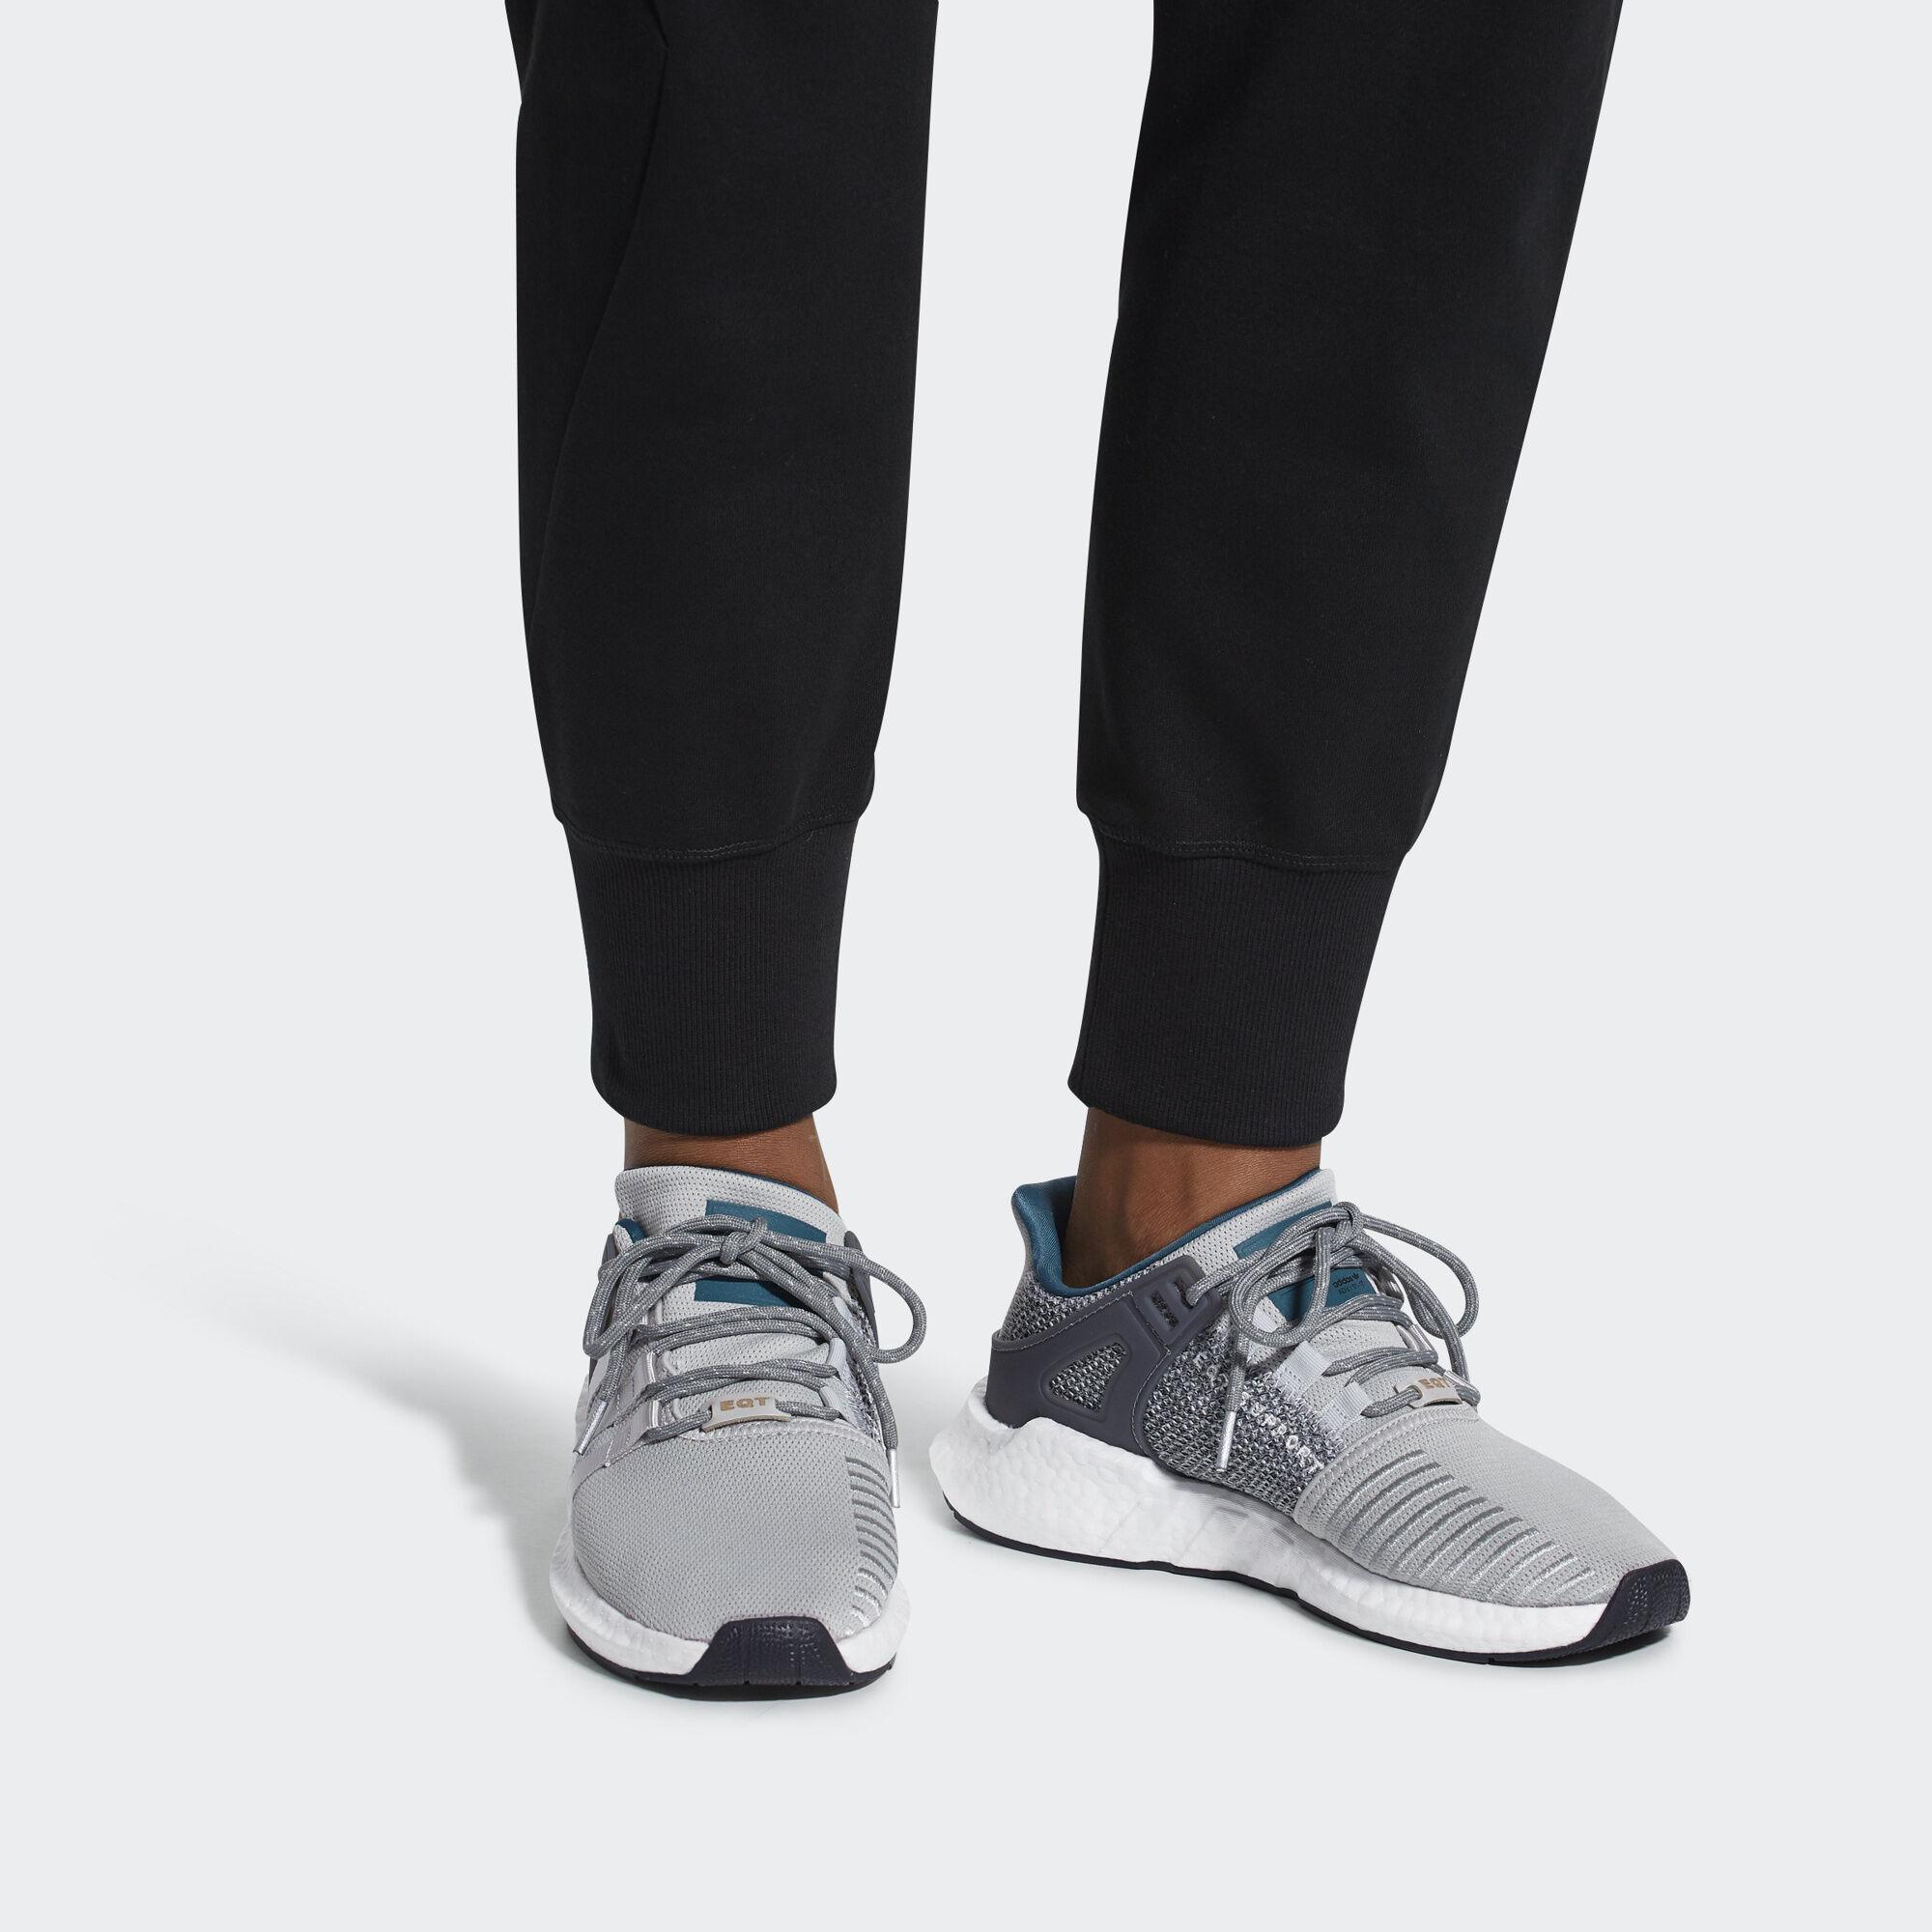 wholesale dealer 5a808 f7dc8 adidas EQT Support 9317 Schuh - schwarz  adidas Deutschland